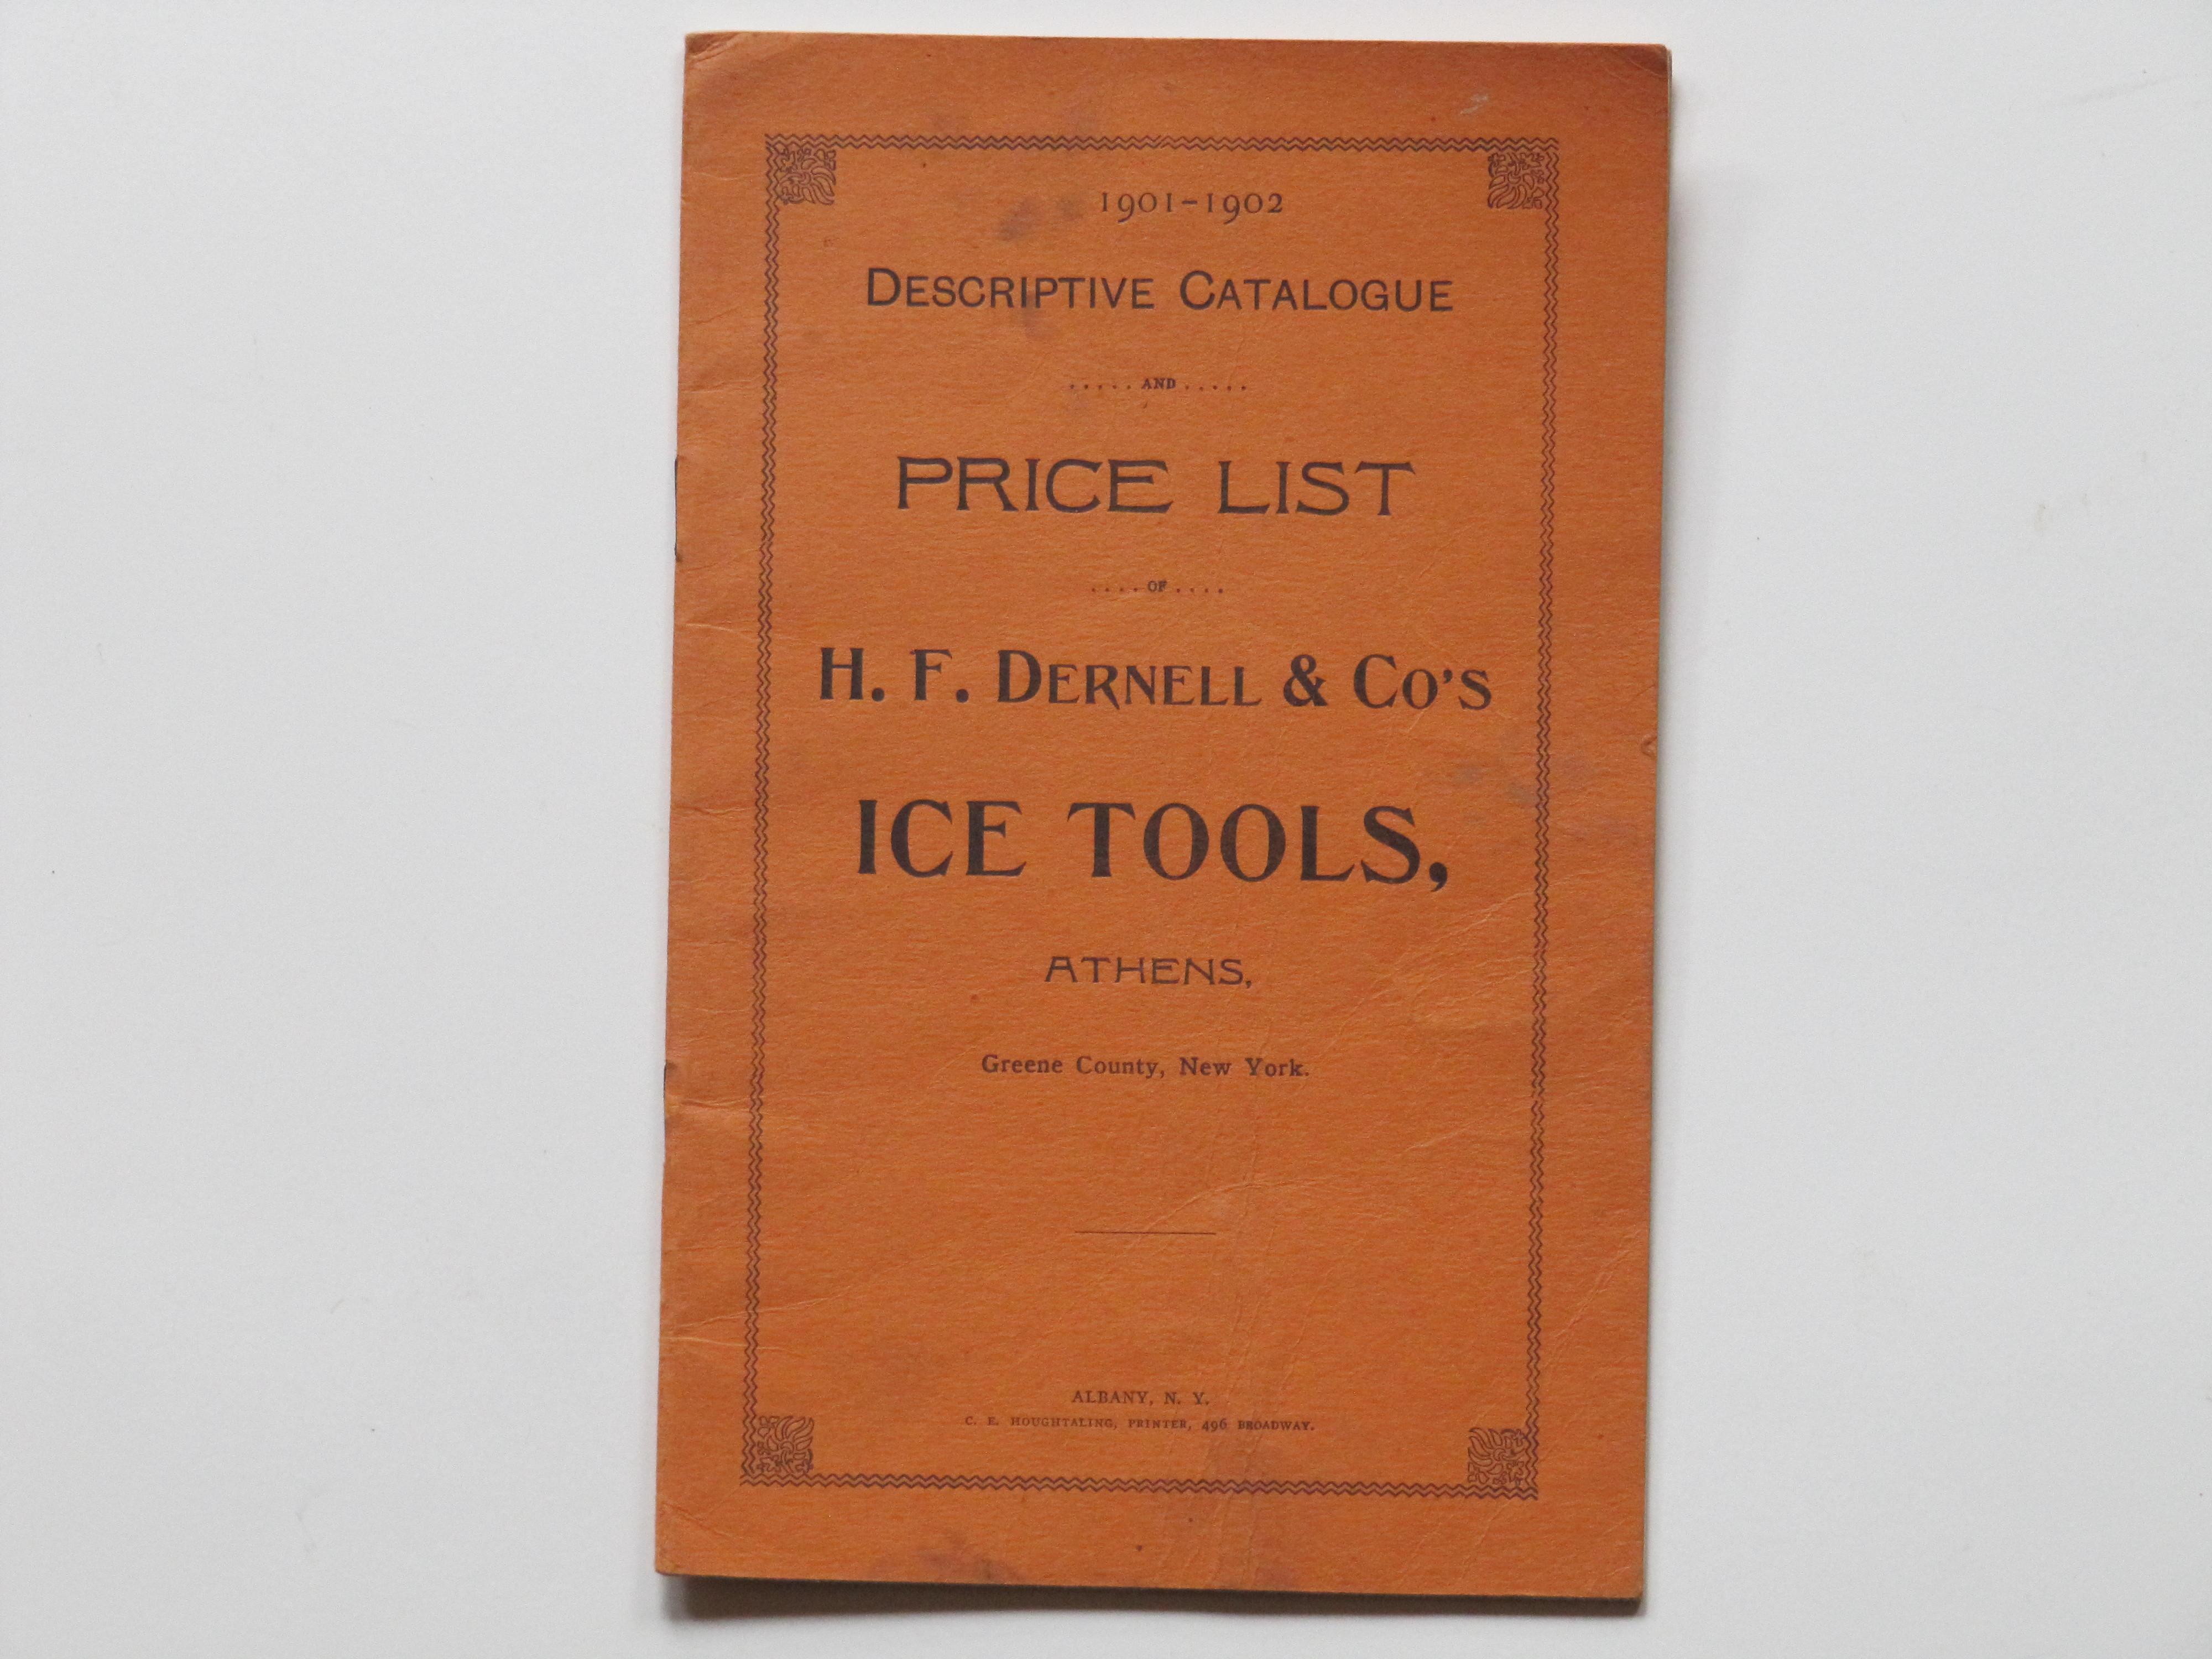 H F Dernell & Co 1901-1902